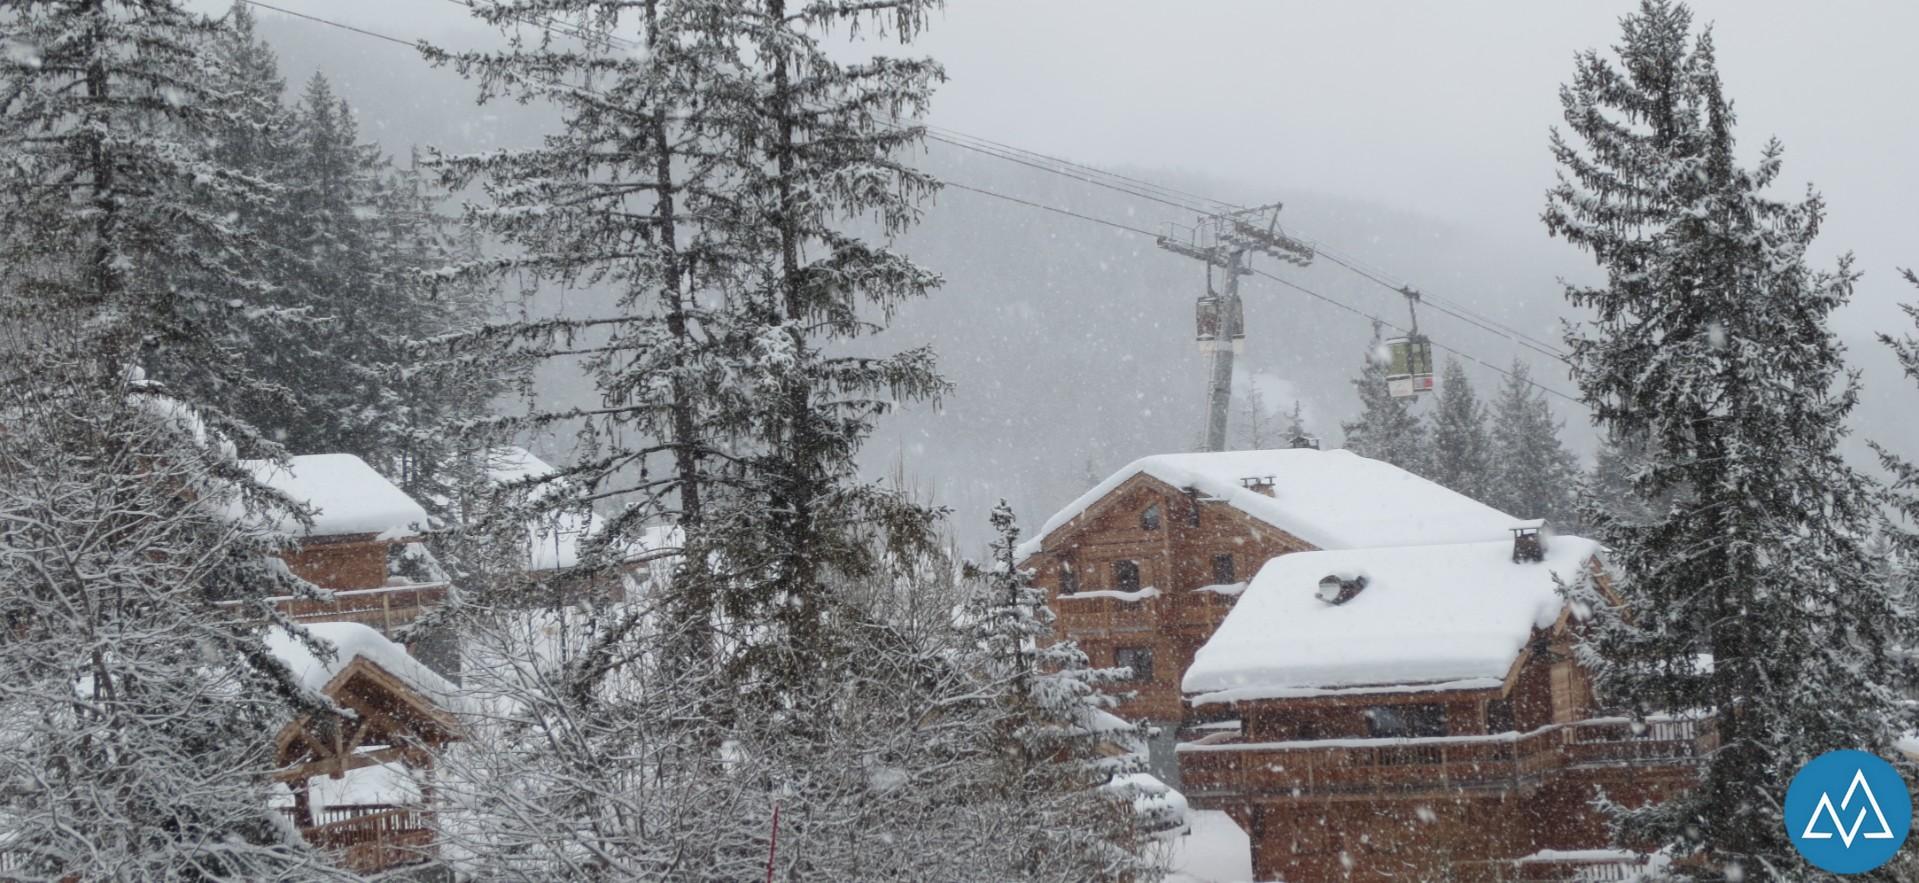 Chalets et neige sont au rendez-vous !